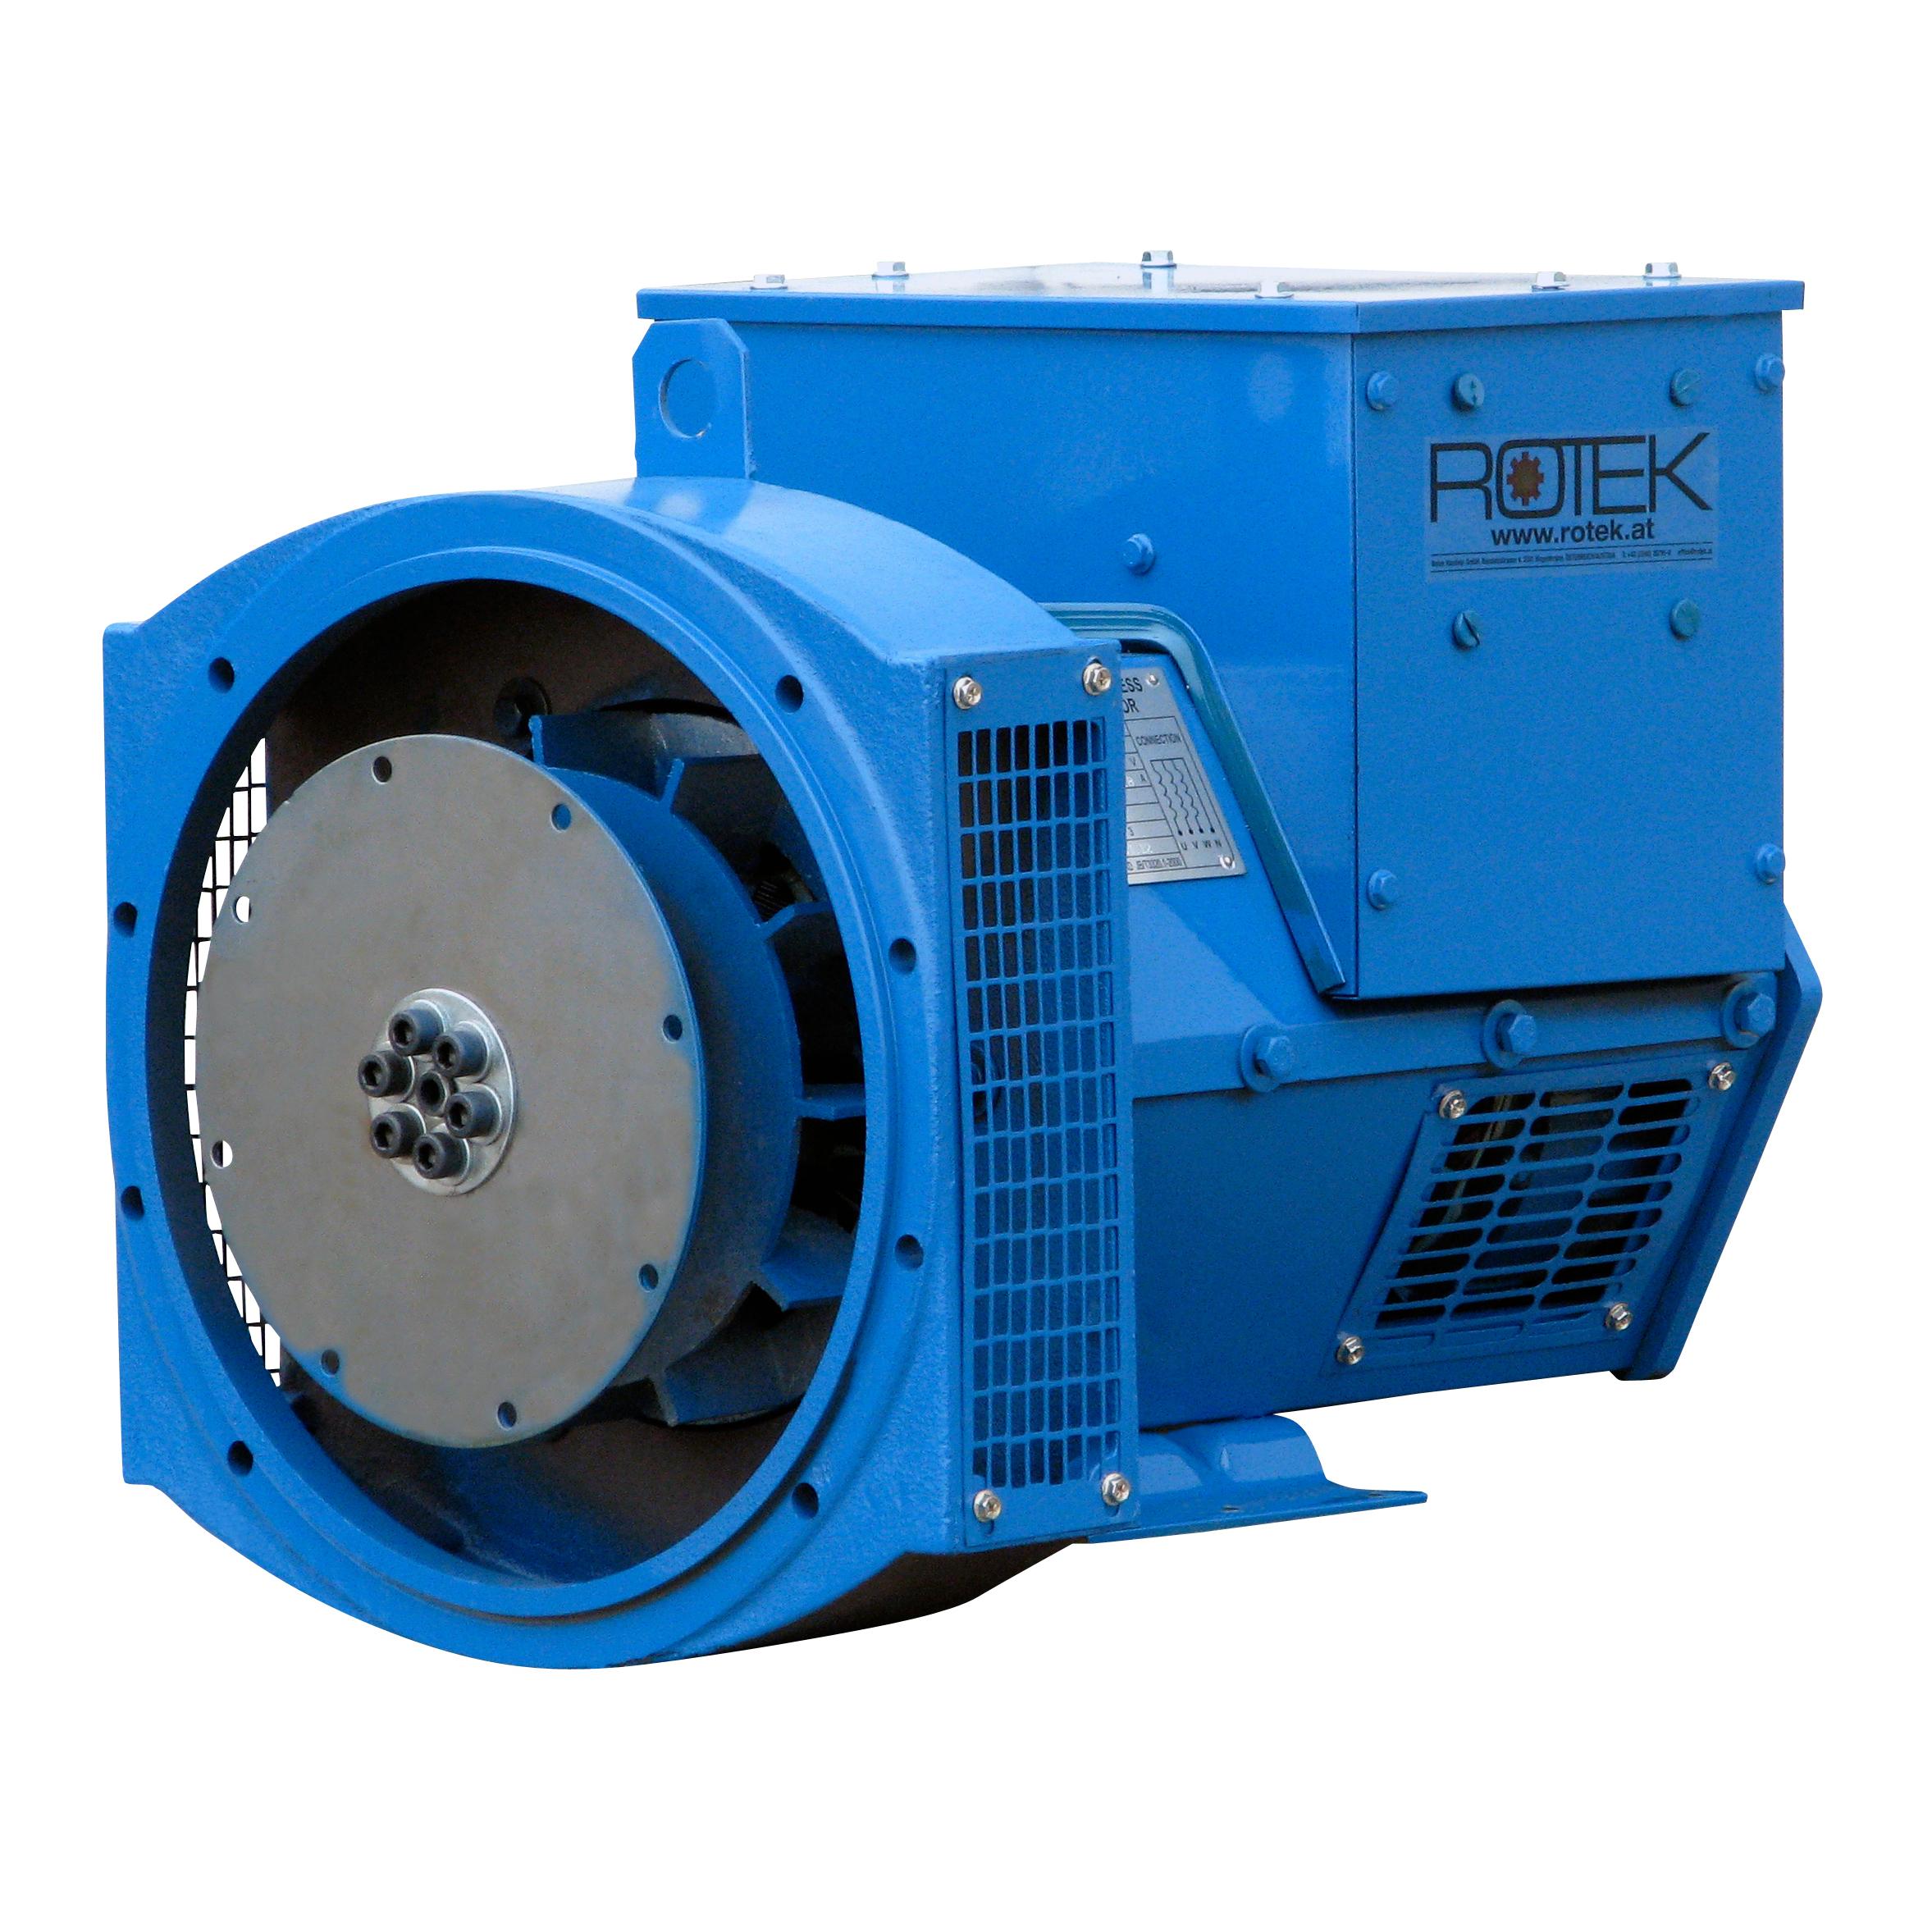 Wondrous Stromerzeuger Ohne Motor Yhg 12 400V 12Kw 3 Phasig Synchron Wiring 101 Ziduromitwellnesstrialsorg